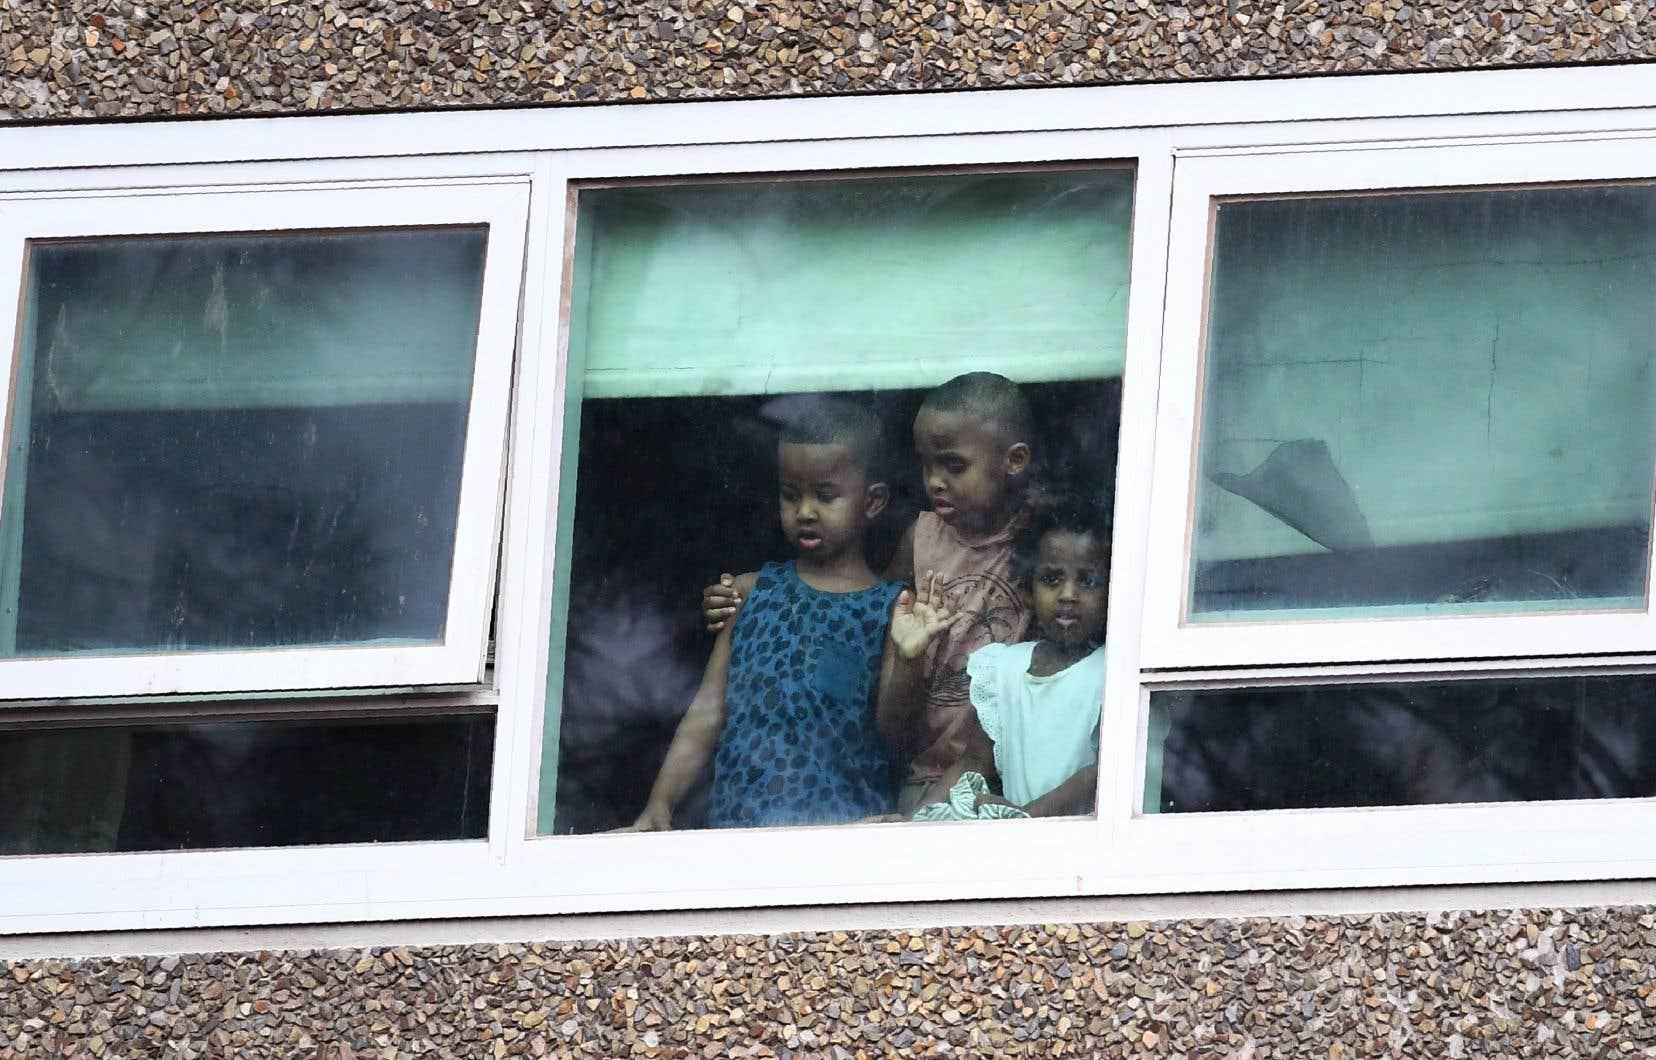 <p>Samedi, environ 3000 résidents vivant dans plusieurs immeubles d'habitation ont reçu l'ordre de rester enfermés chez eux pour au moins cinq jours, après l'apparition d'un foyer épidémique dans une tour.</p>